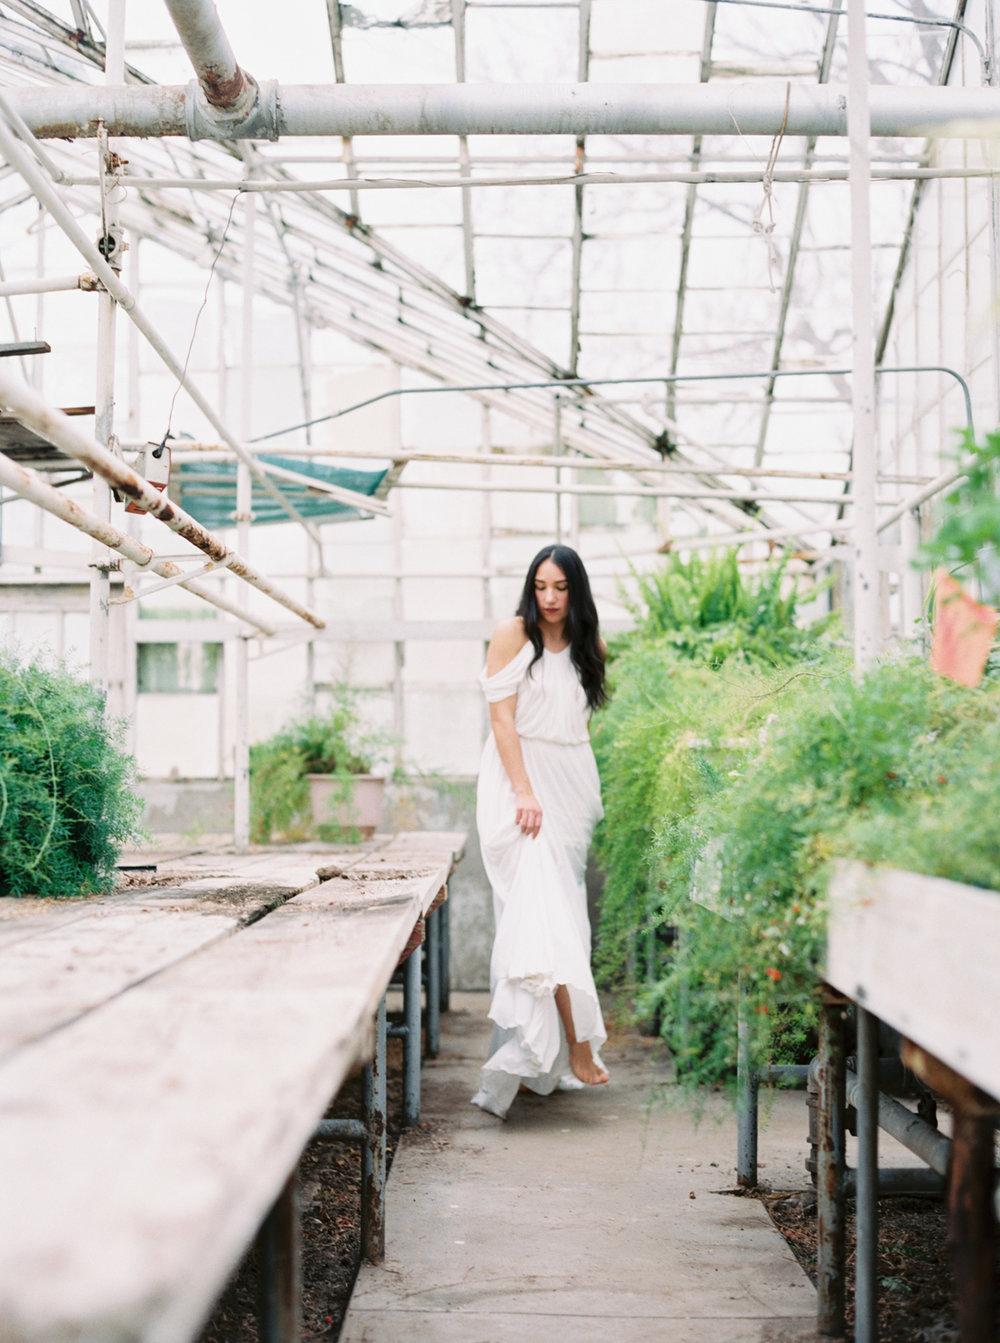 greenhouse-editiorial_0072.jpg